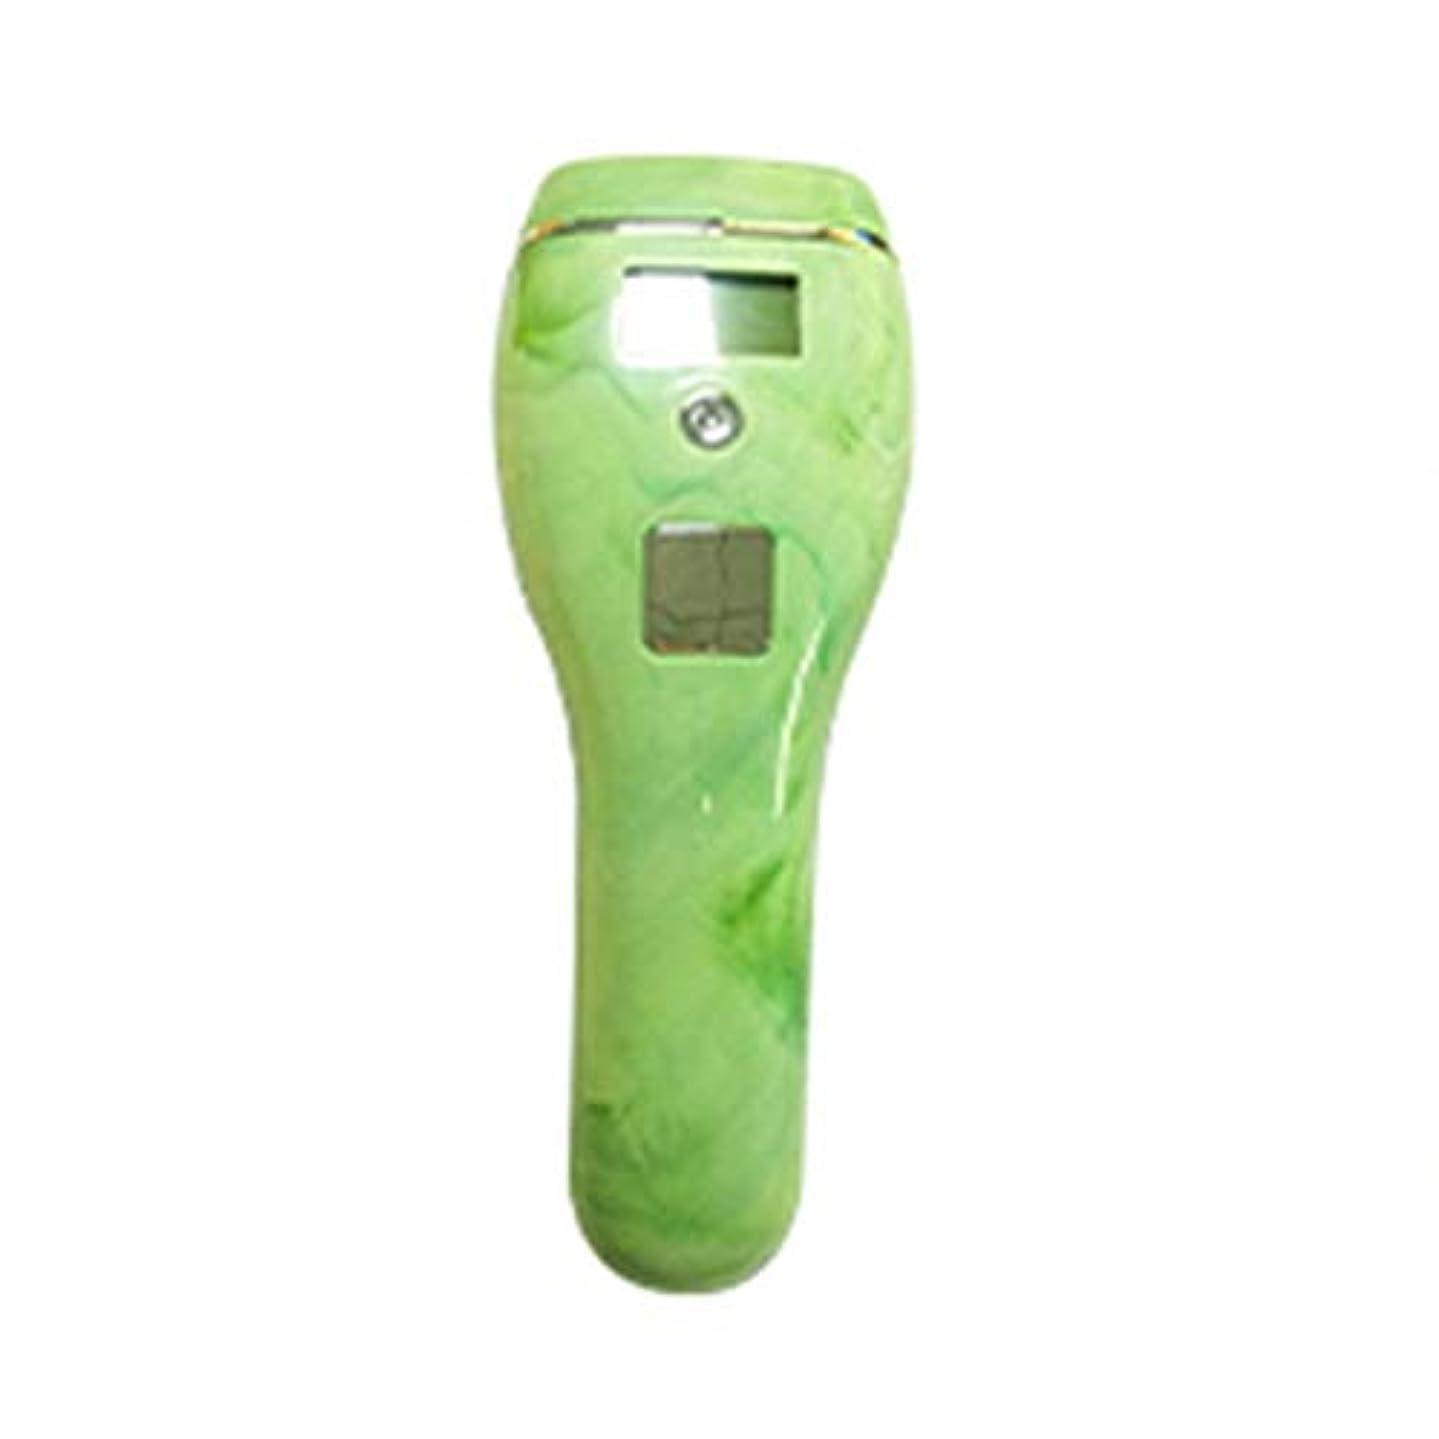 旅客スピリチュアル豪華な自動肌のカラーセンシング、グリーン、5速調整、クォーツチューブ、携帯用痛みのない全身凍結乾燥用除湿器、サイズ19x7x5cm 効果が良い (Color : Green)